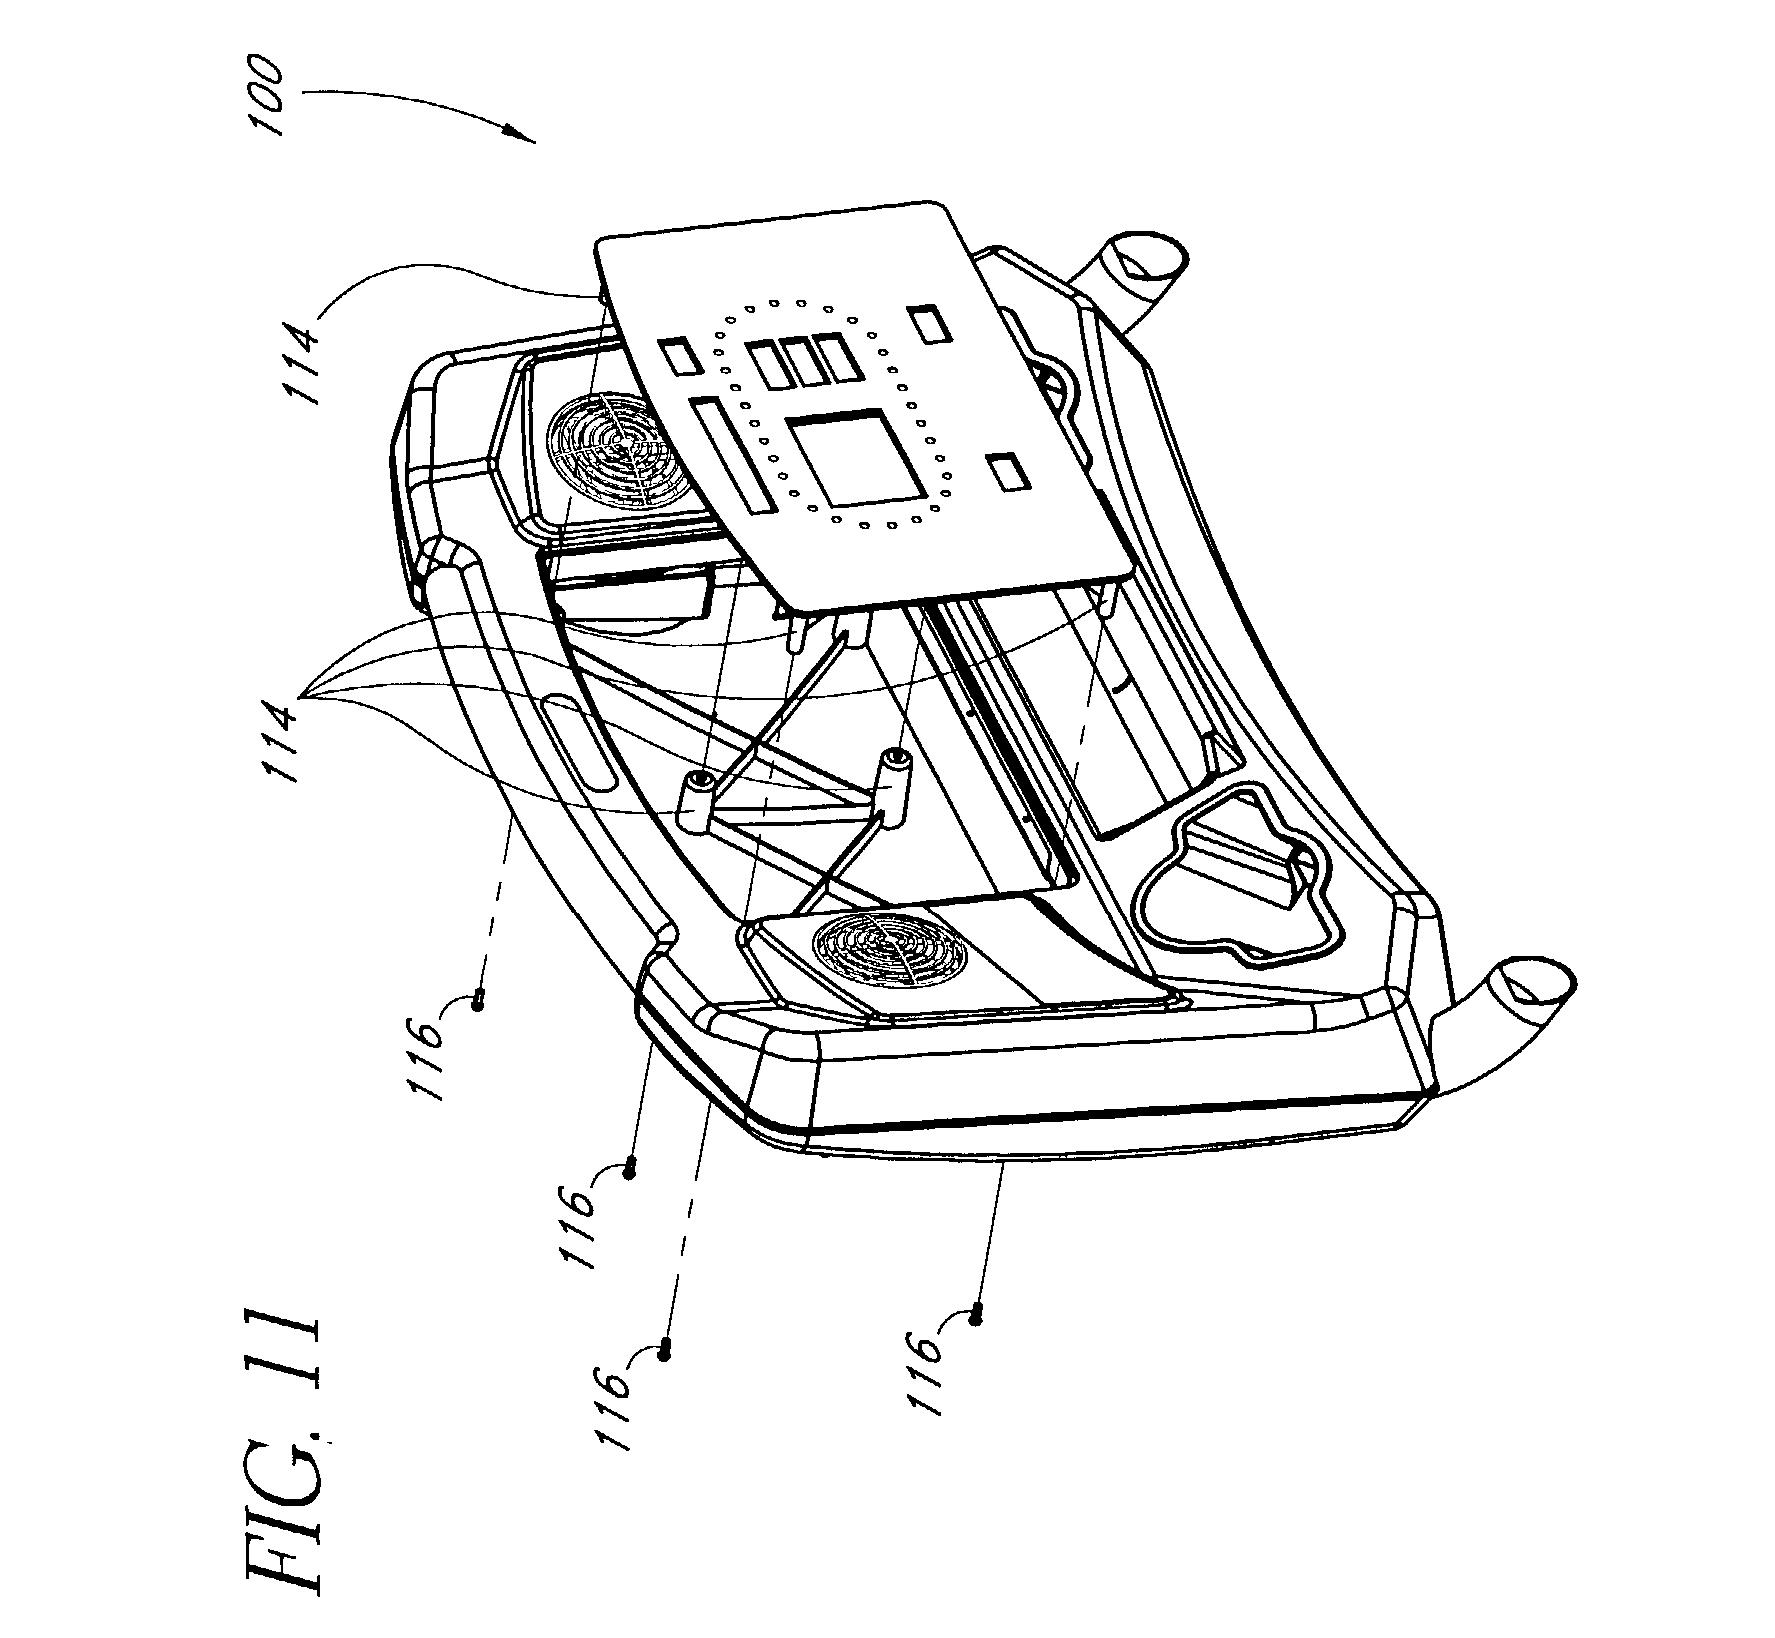 85 c10 ac duct diagram including patent us20040018917 cooling system  #2C2C2C